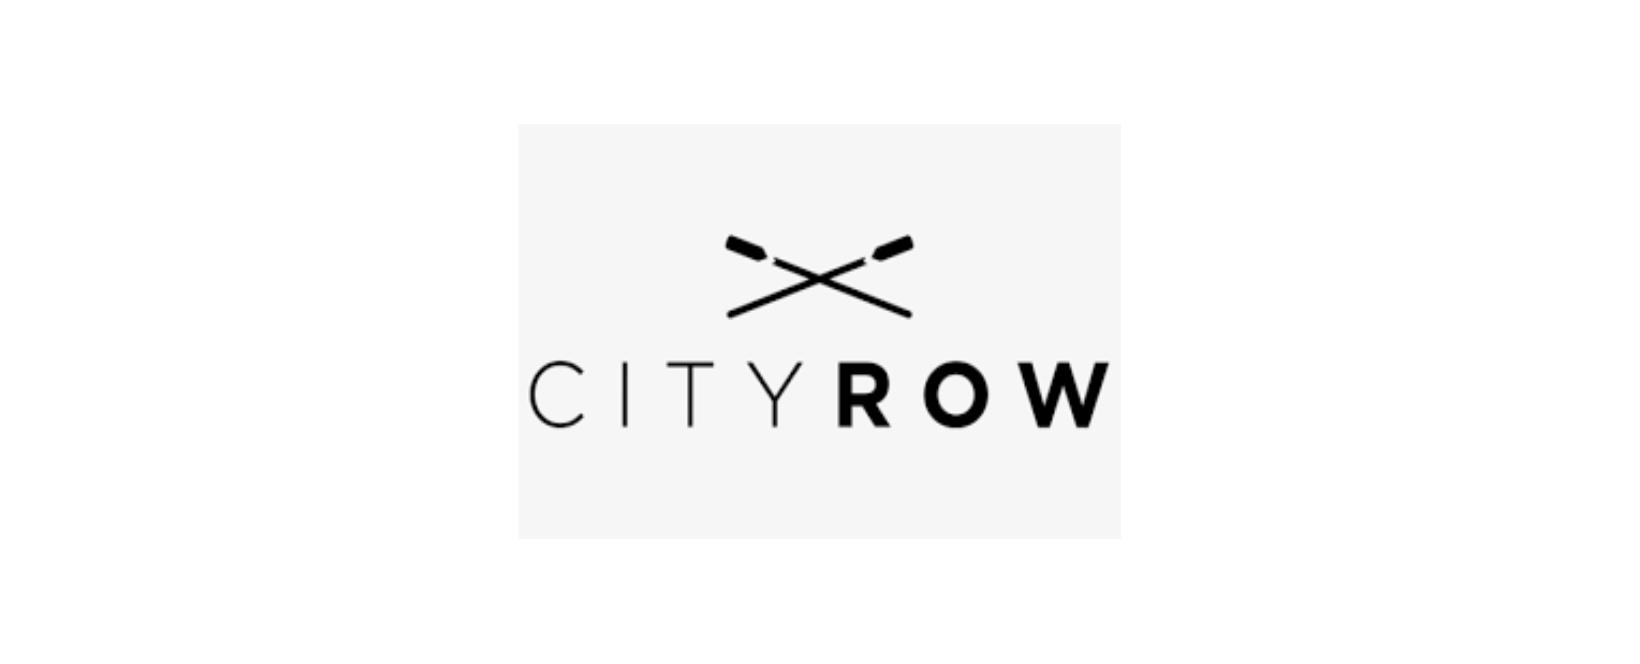 CITYROW Discount Code 2021